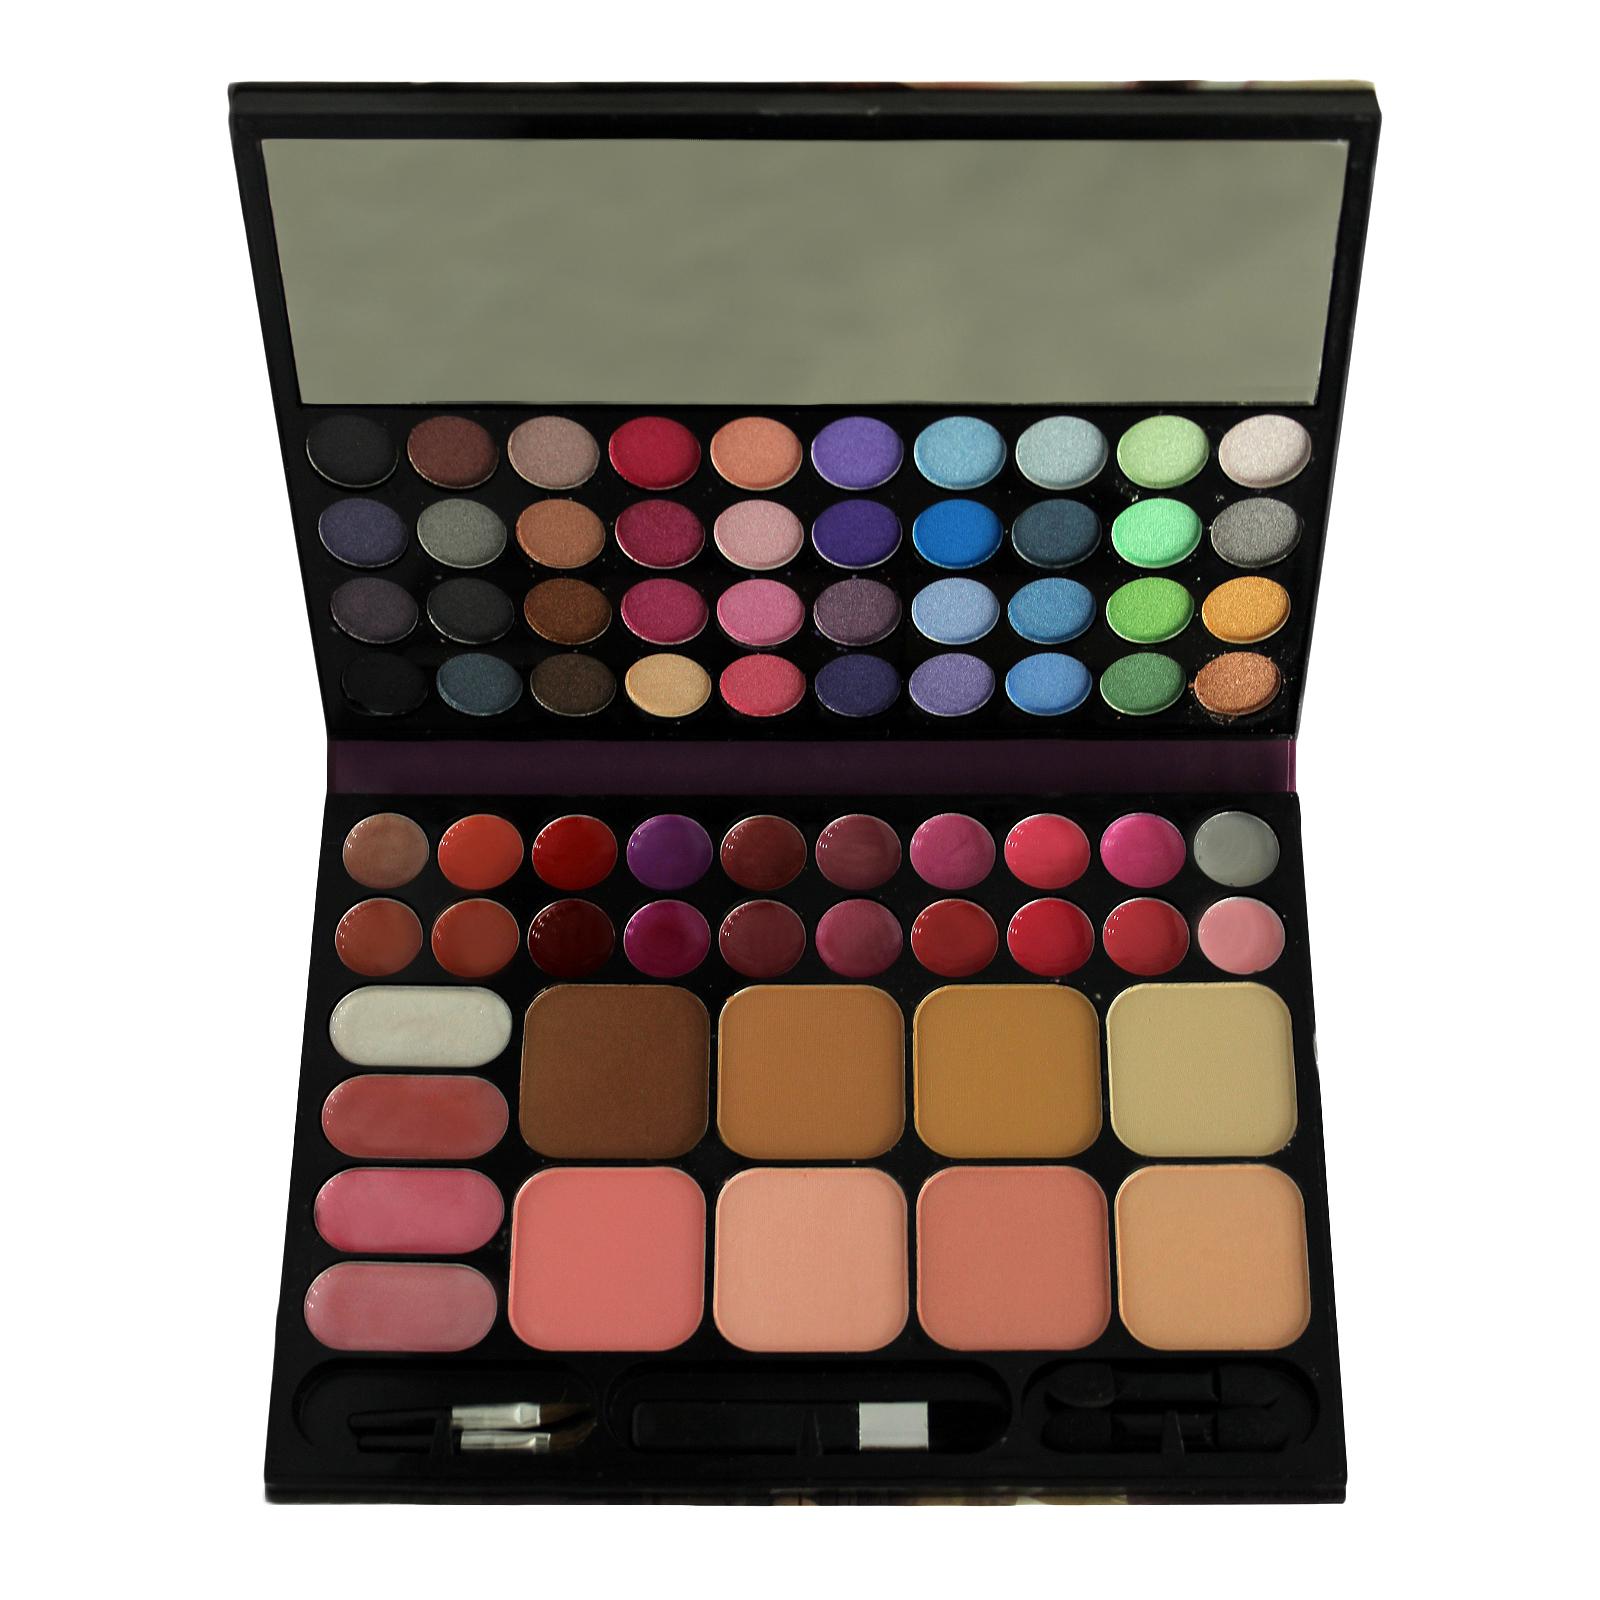 NEW Professional Makeup Eye Shadow Palette Waterproof 40